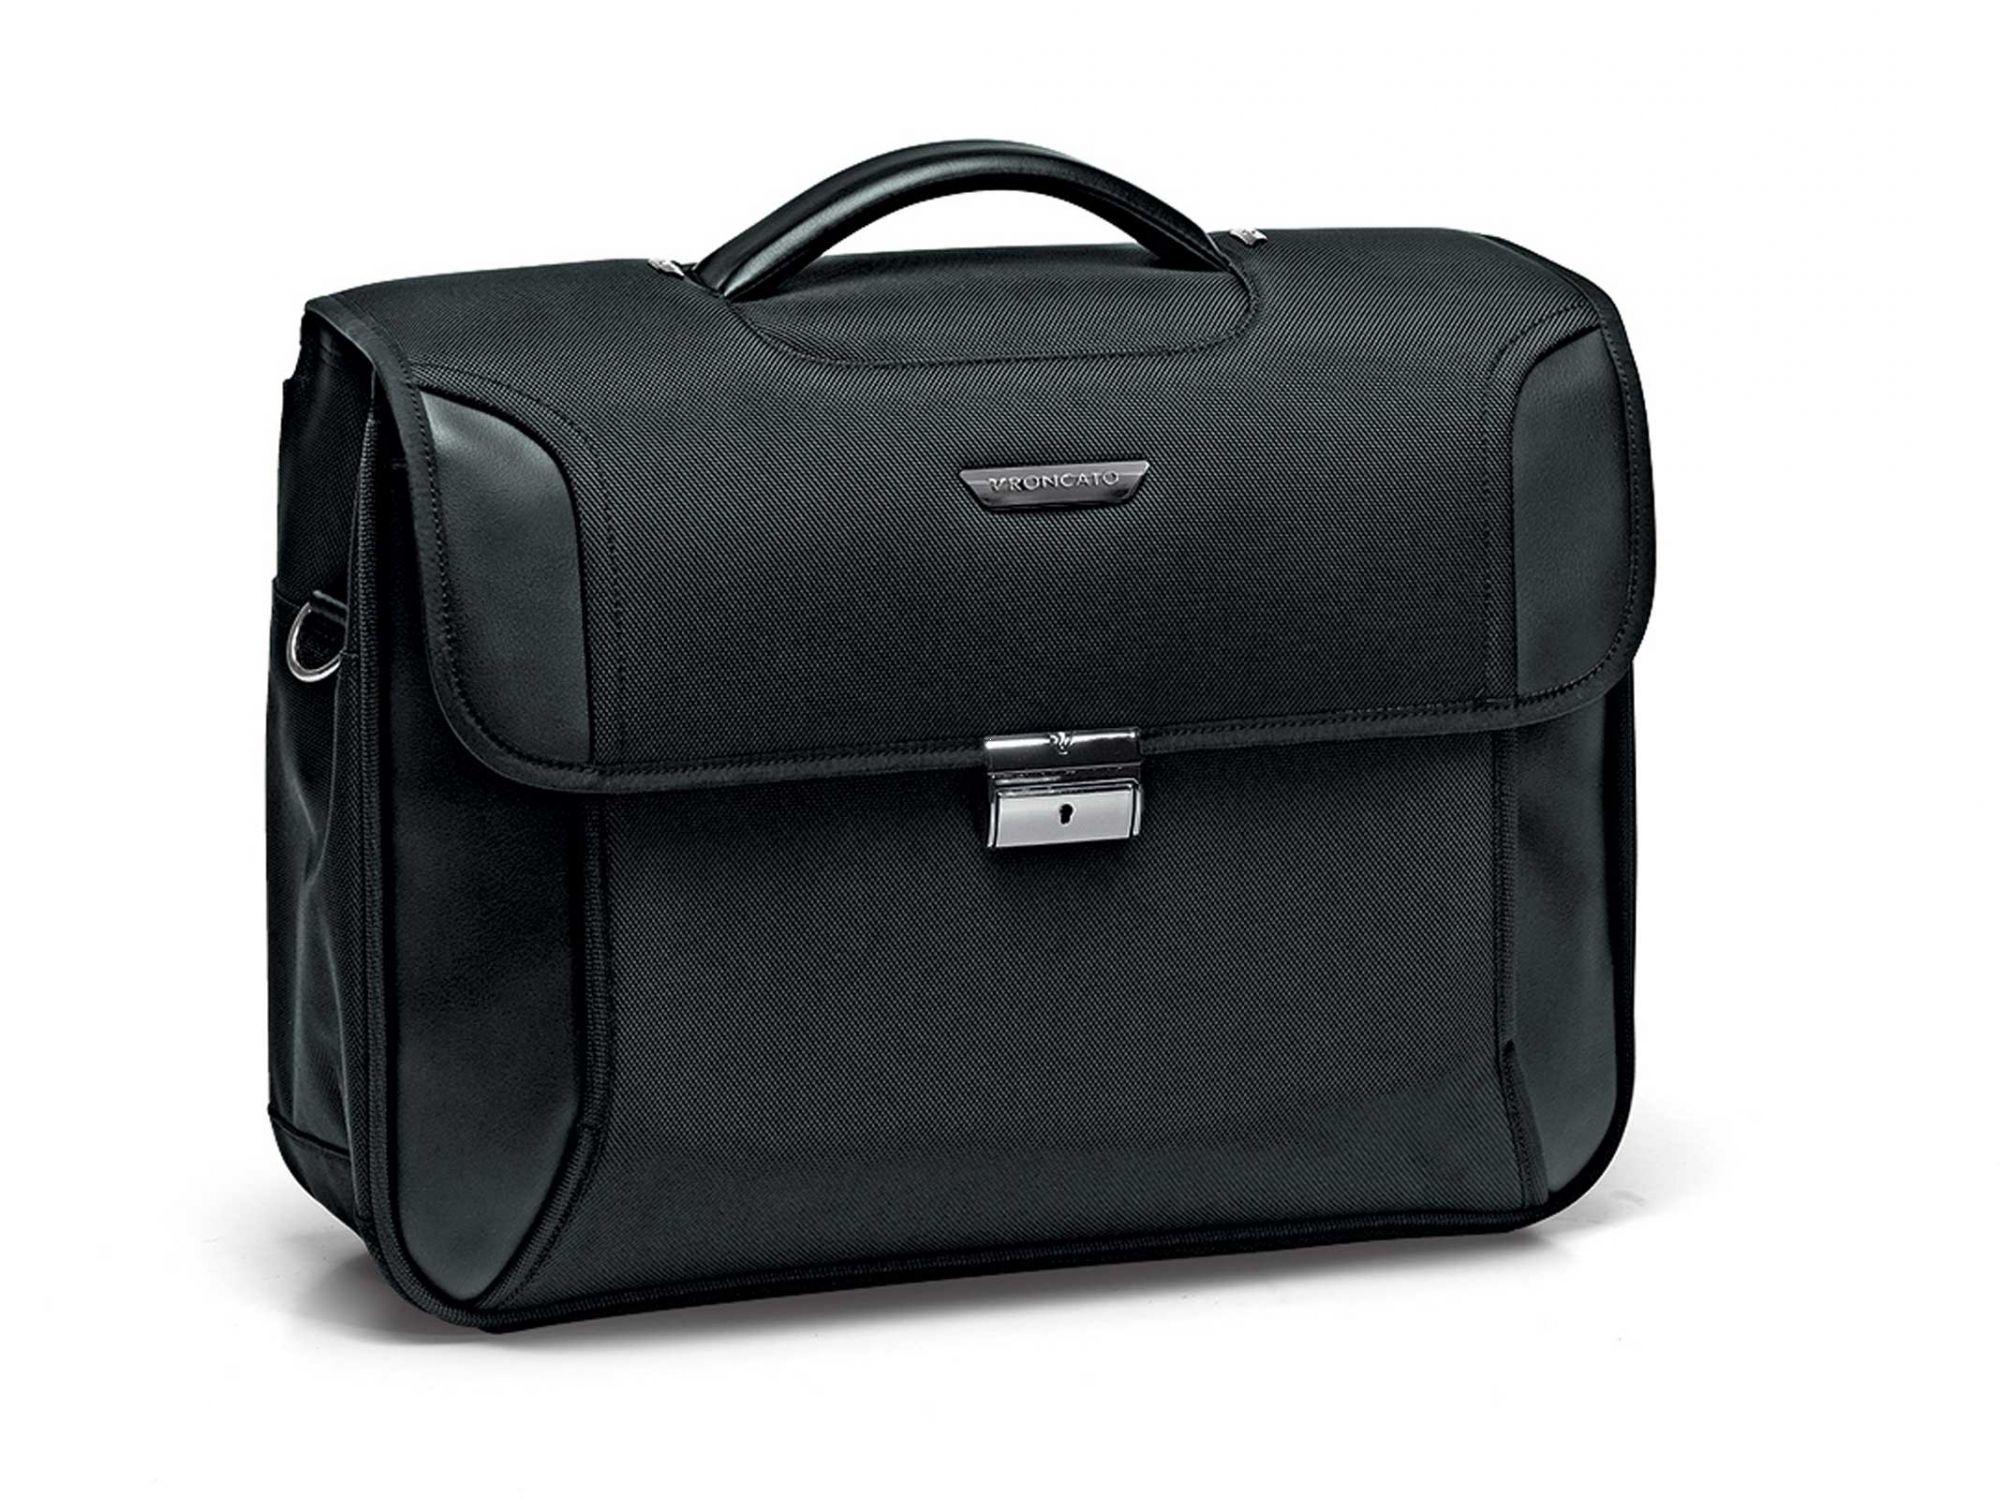 fd7ec380c83eb Teczka biznesowa 3 komorowa z miejscem na laptopa do 15,6' i tablet ...